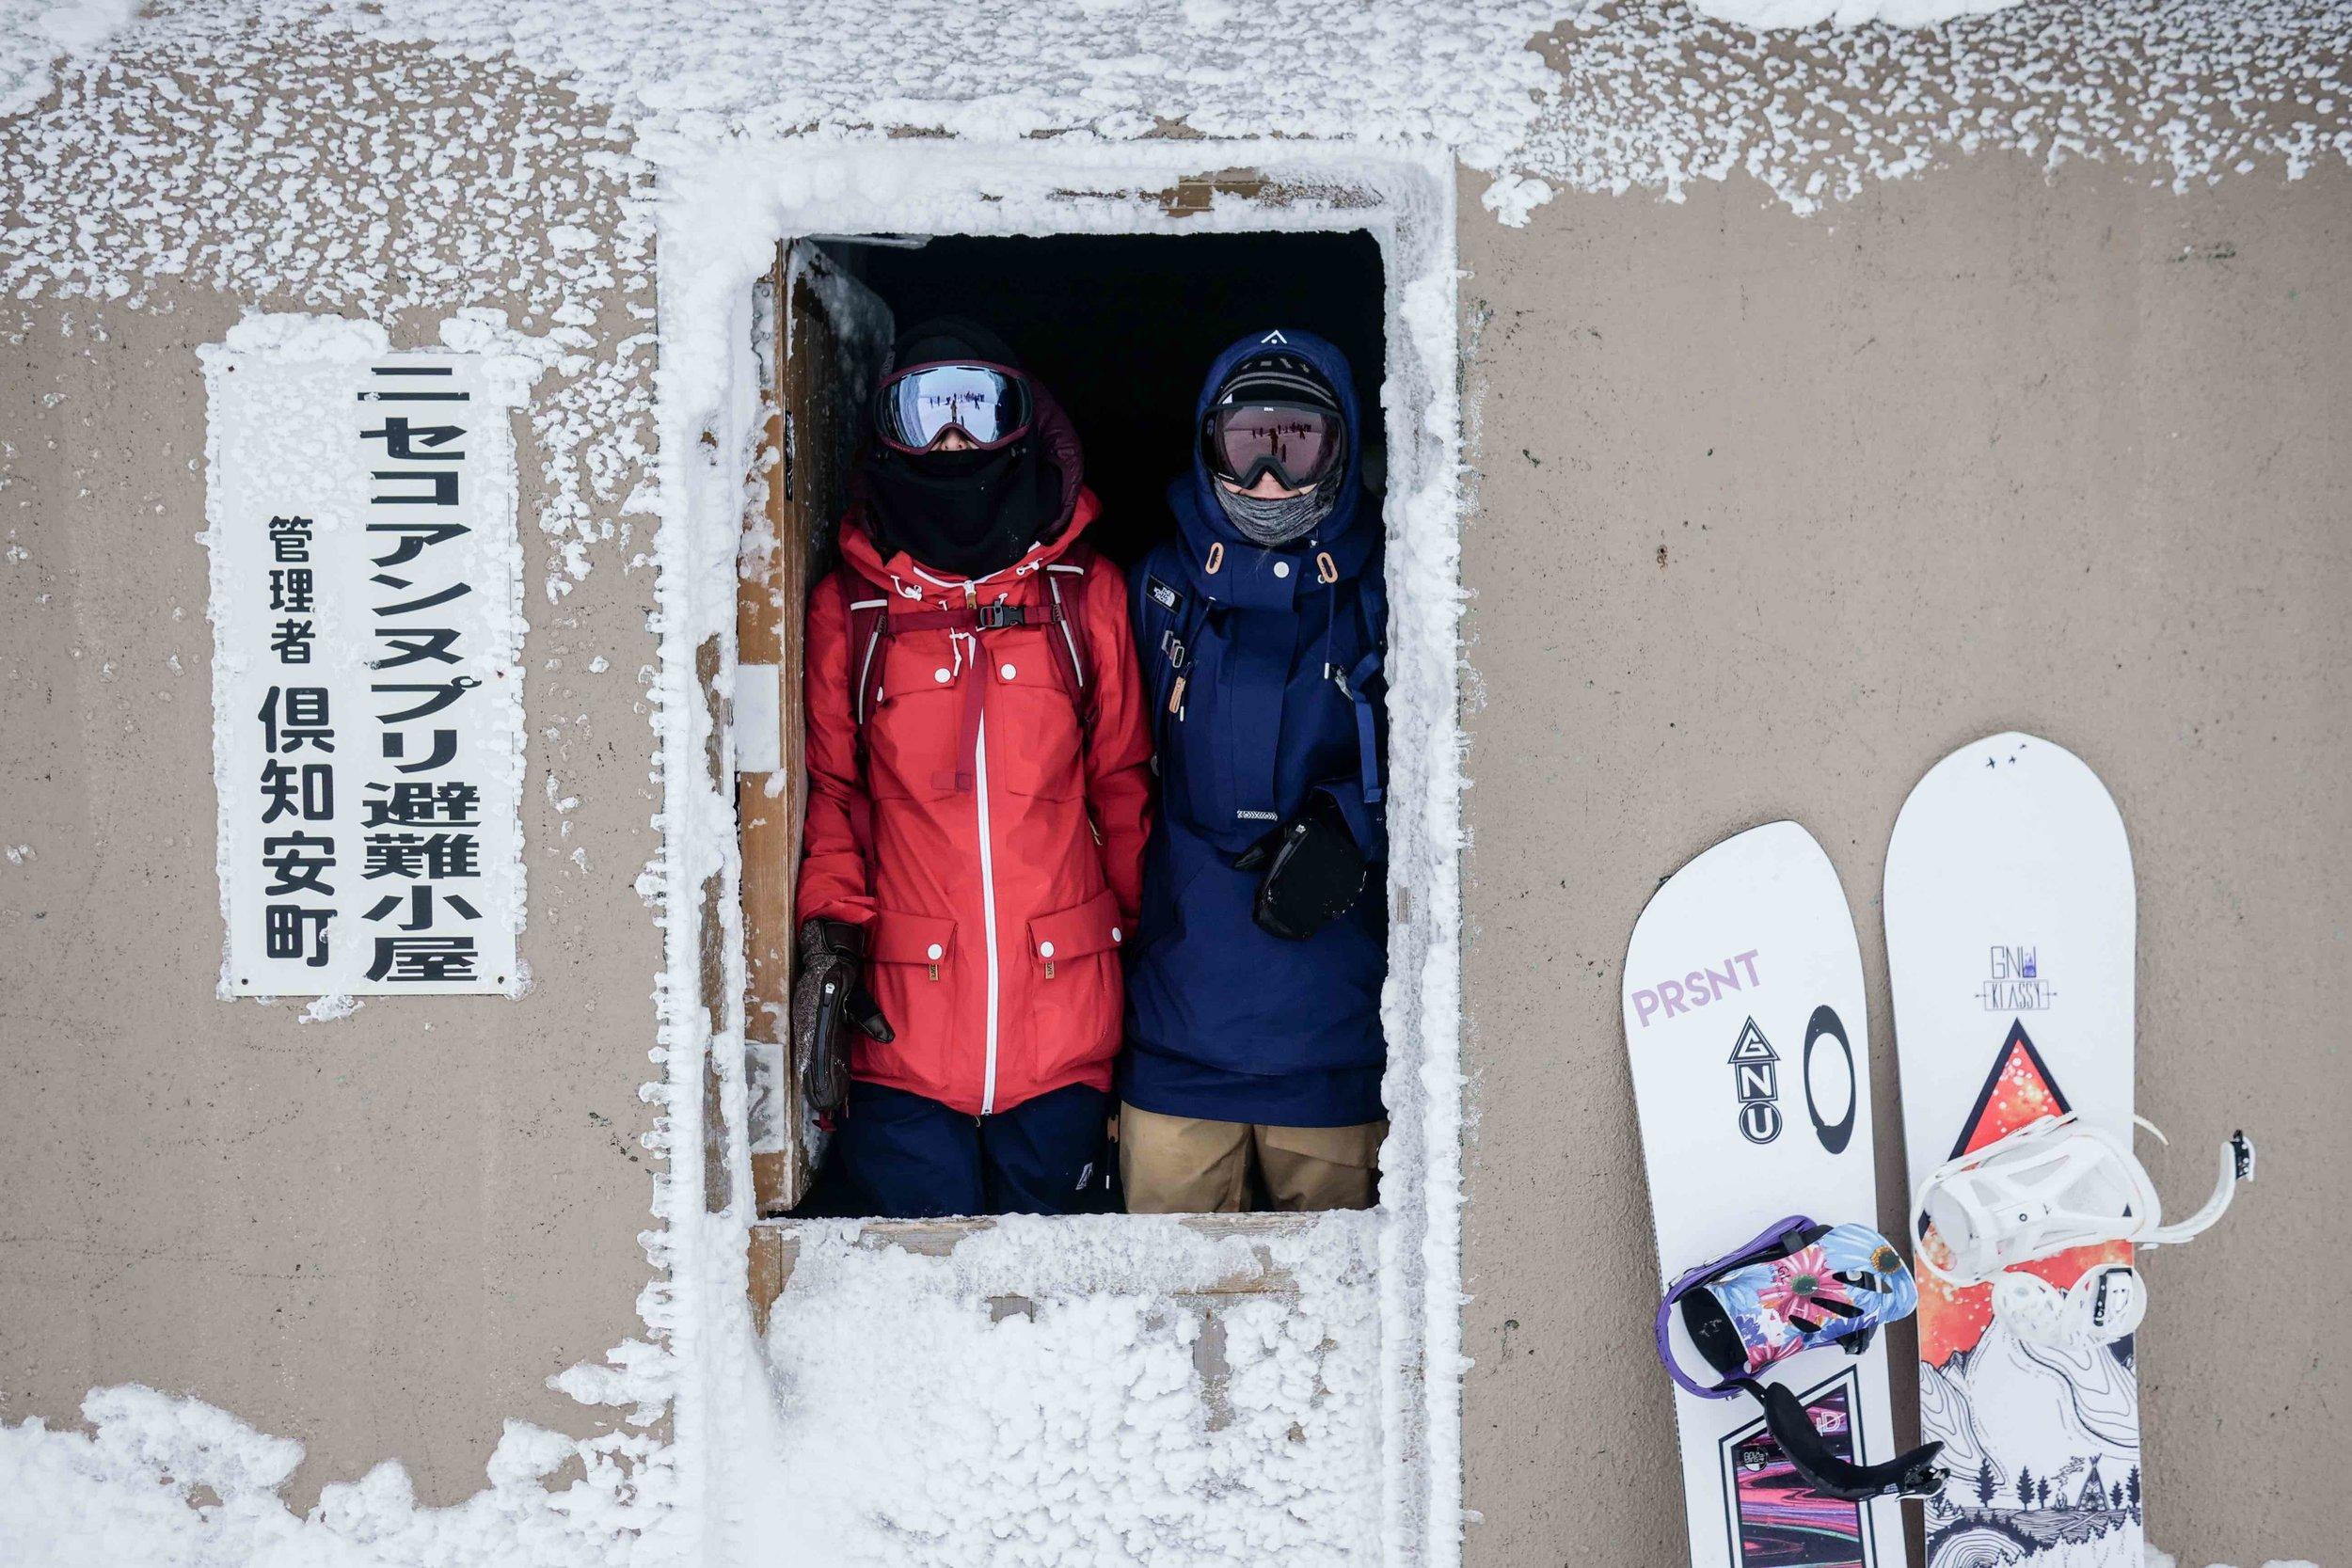 BPRSNT NISEKO SNOWBOARDING JAPAN.jpg